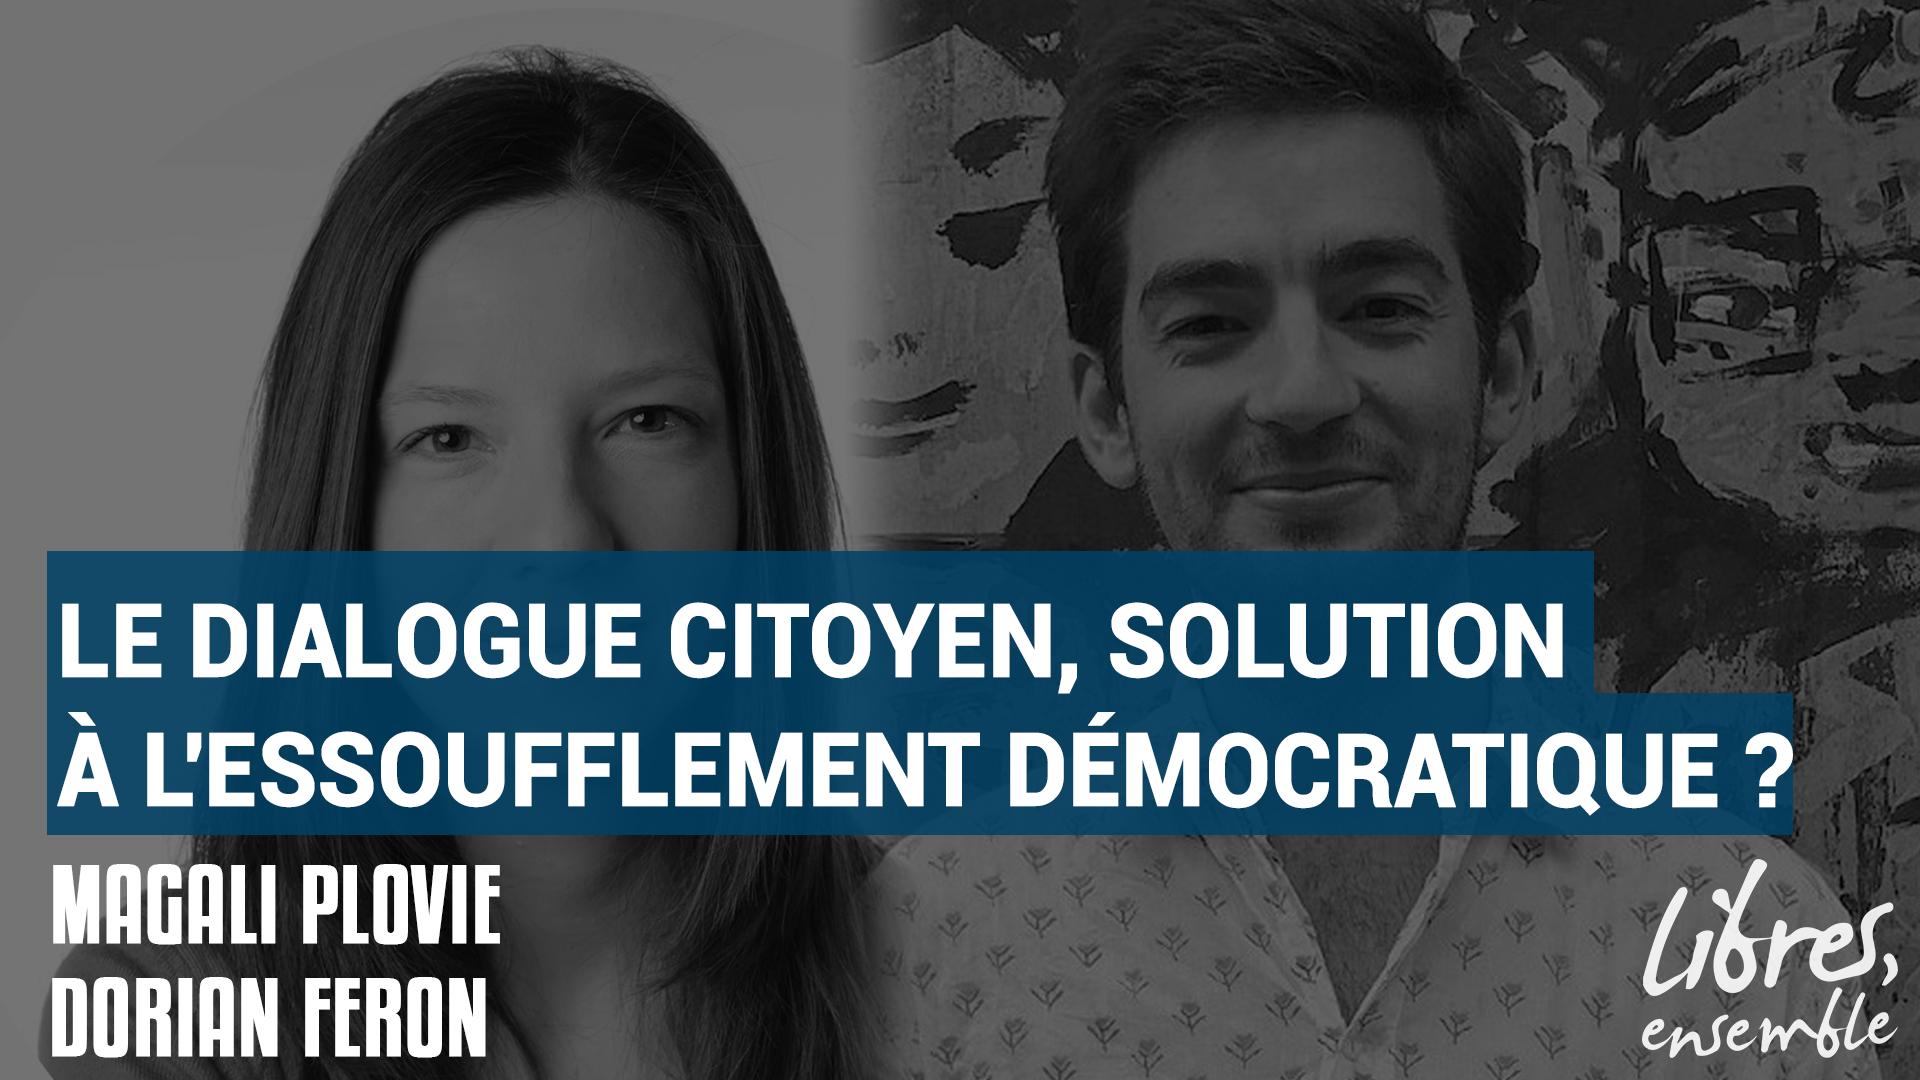 Le dialogue citoyen, solution à l'essoufflement démocratique ?